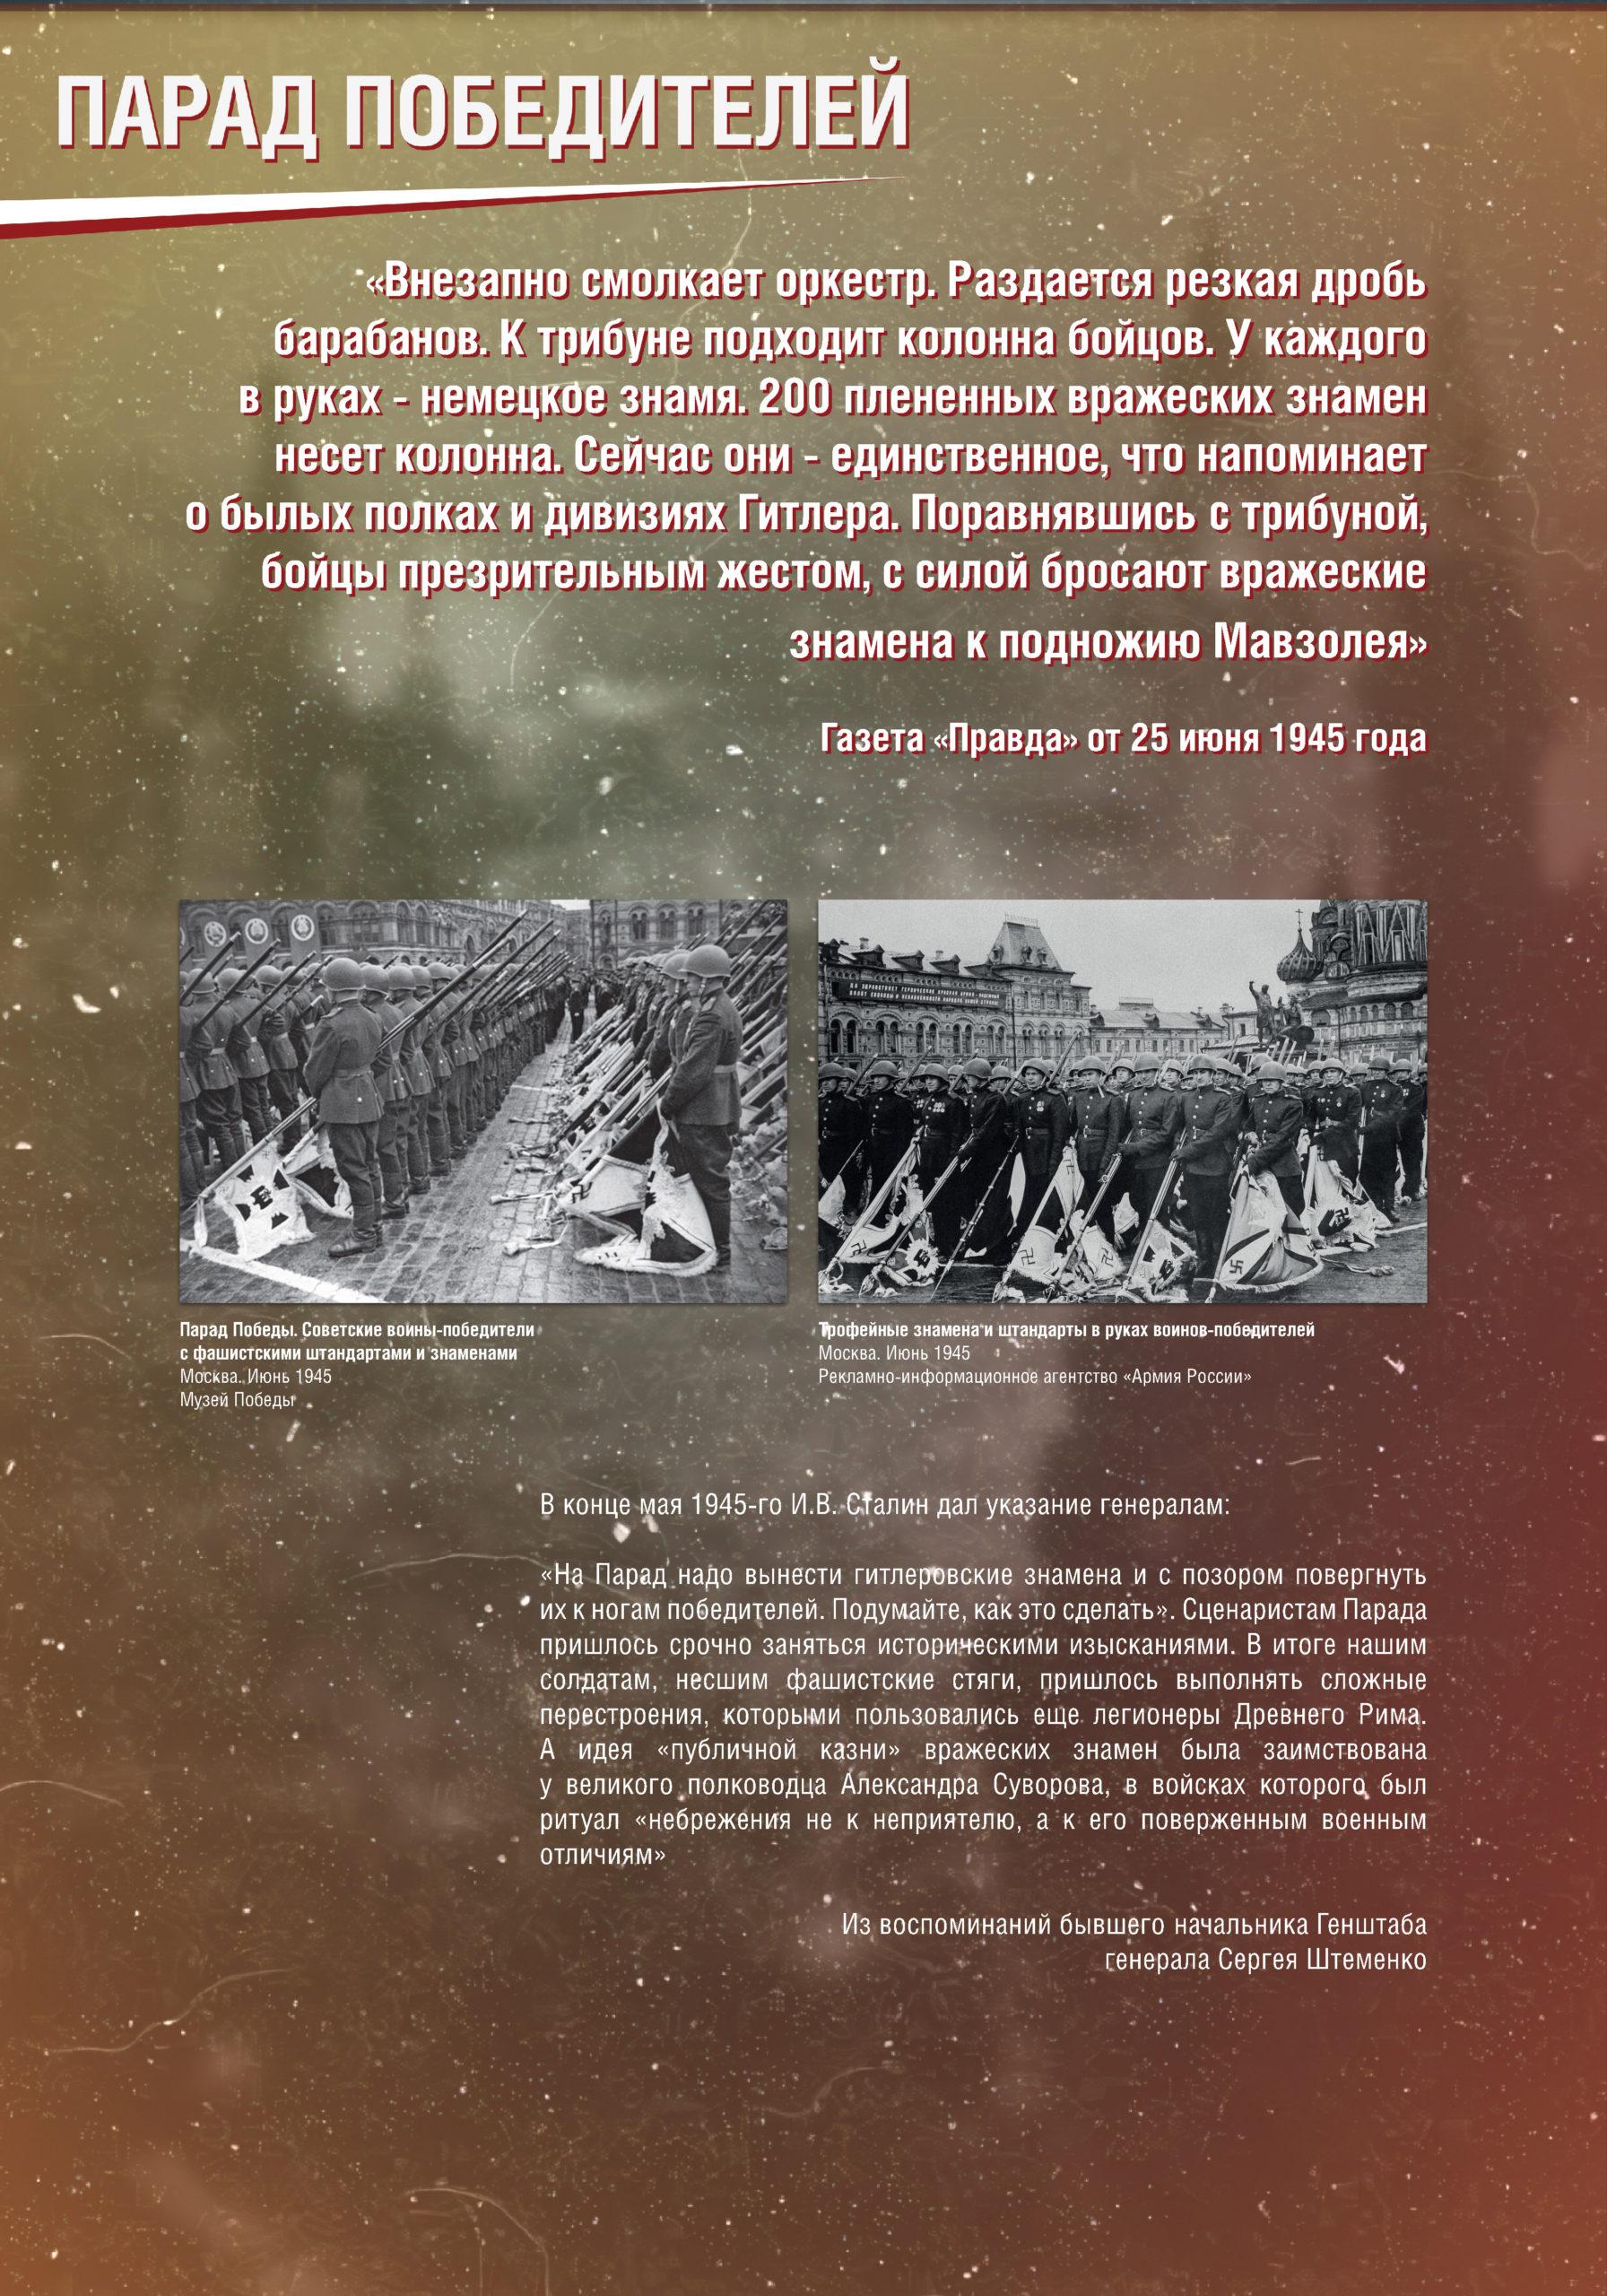 parad_pobediteley_1906_Page23